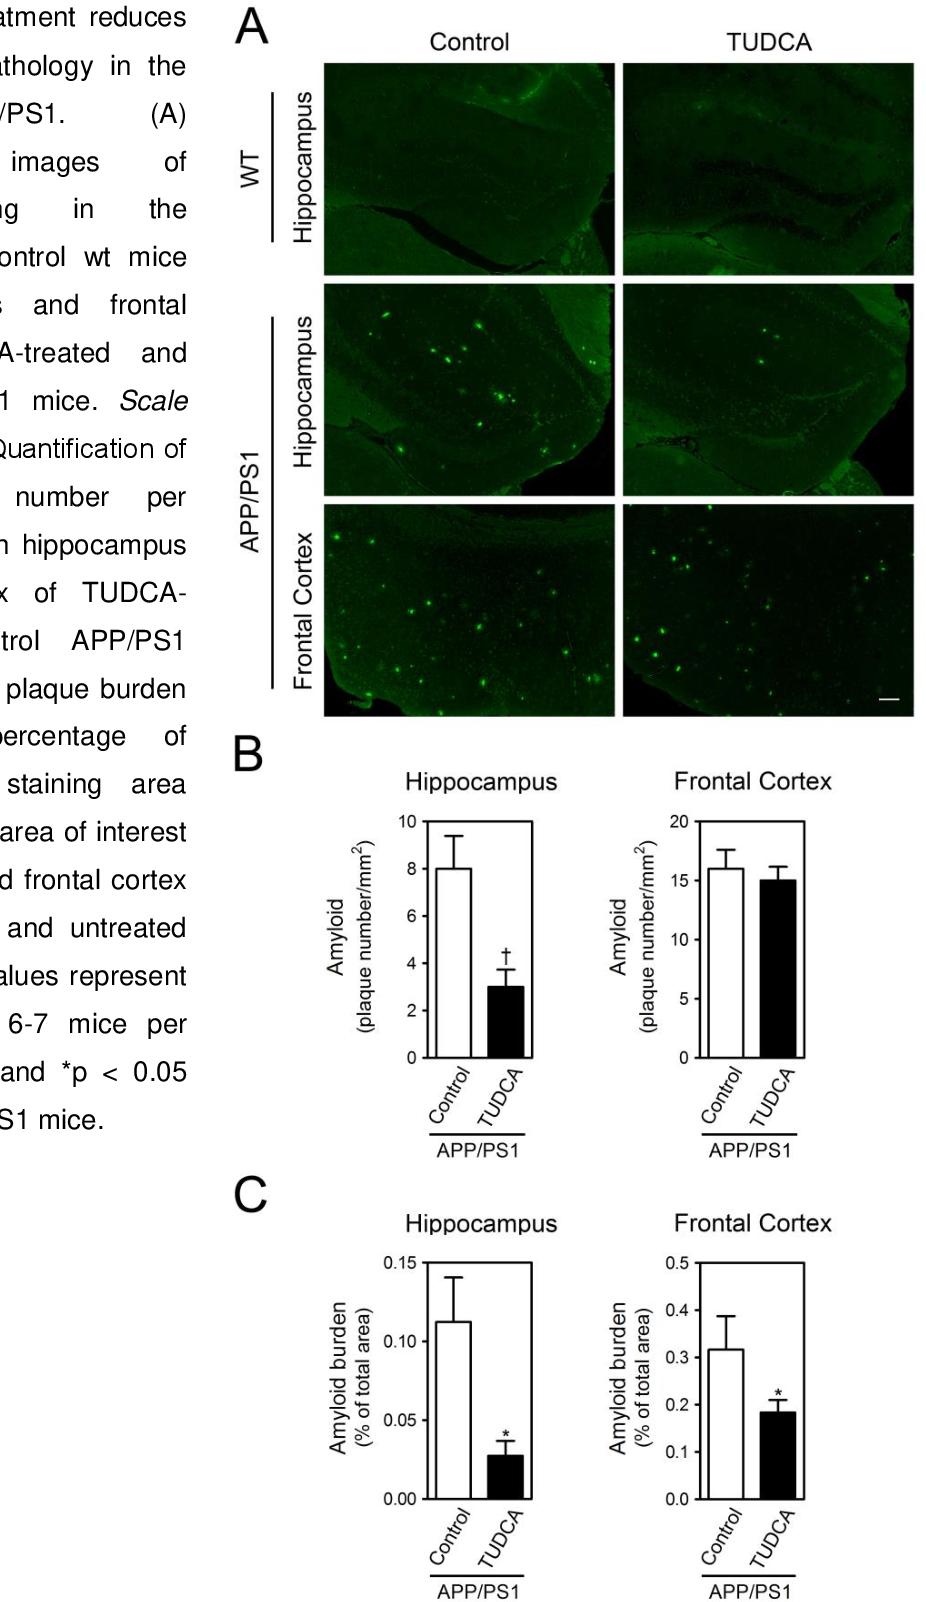 PDF] Using TUDCA to treat Alzheimer's disease after pathology onset